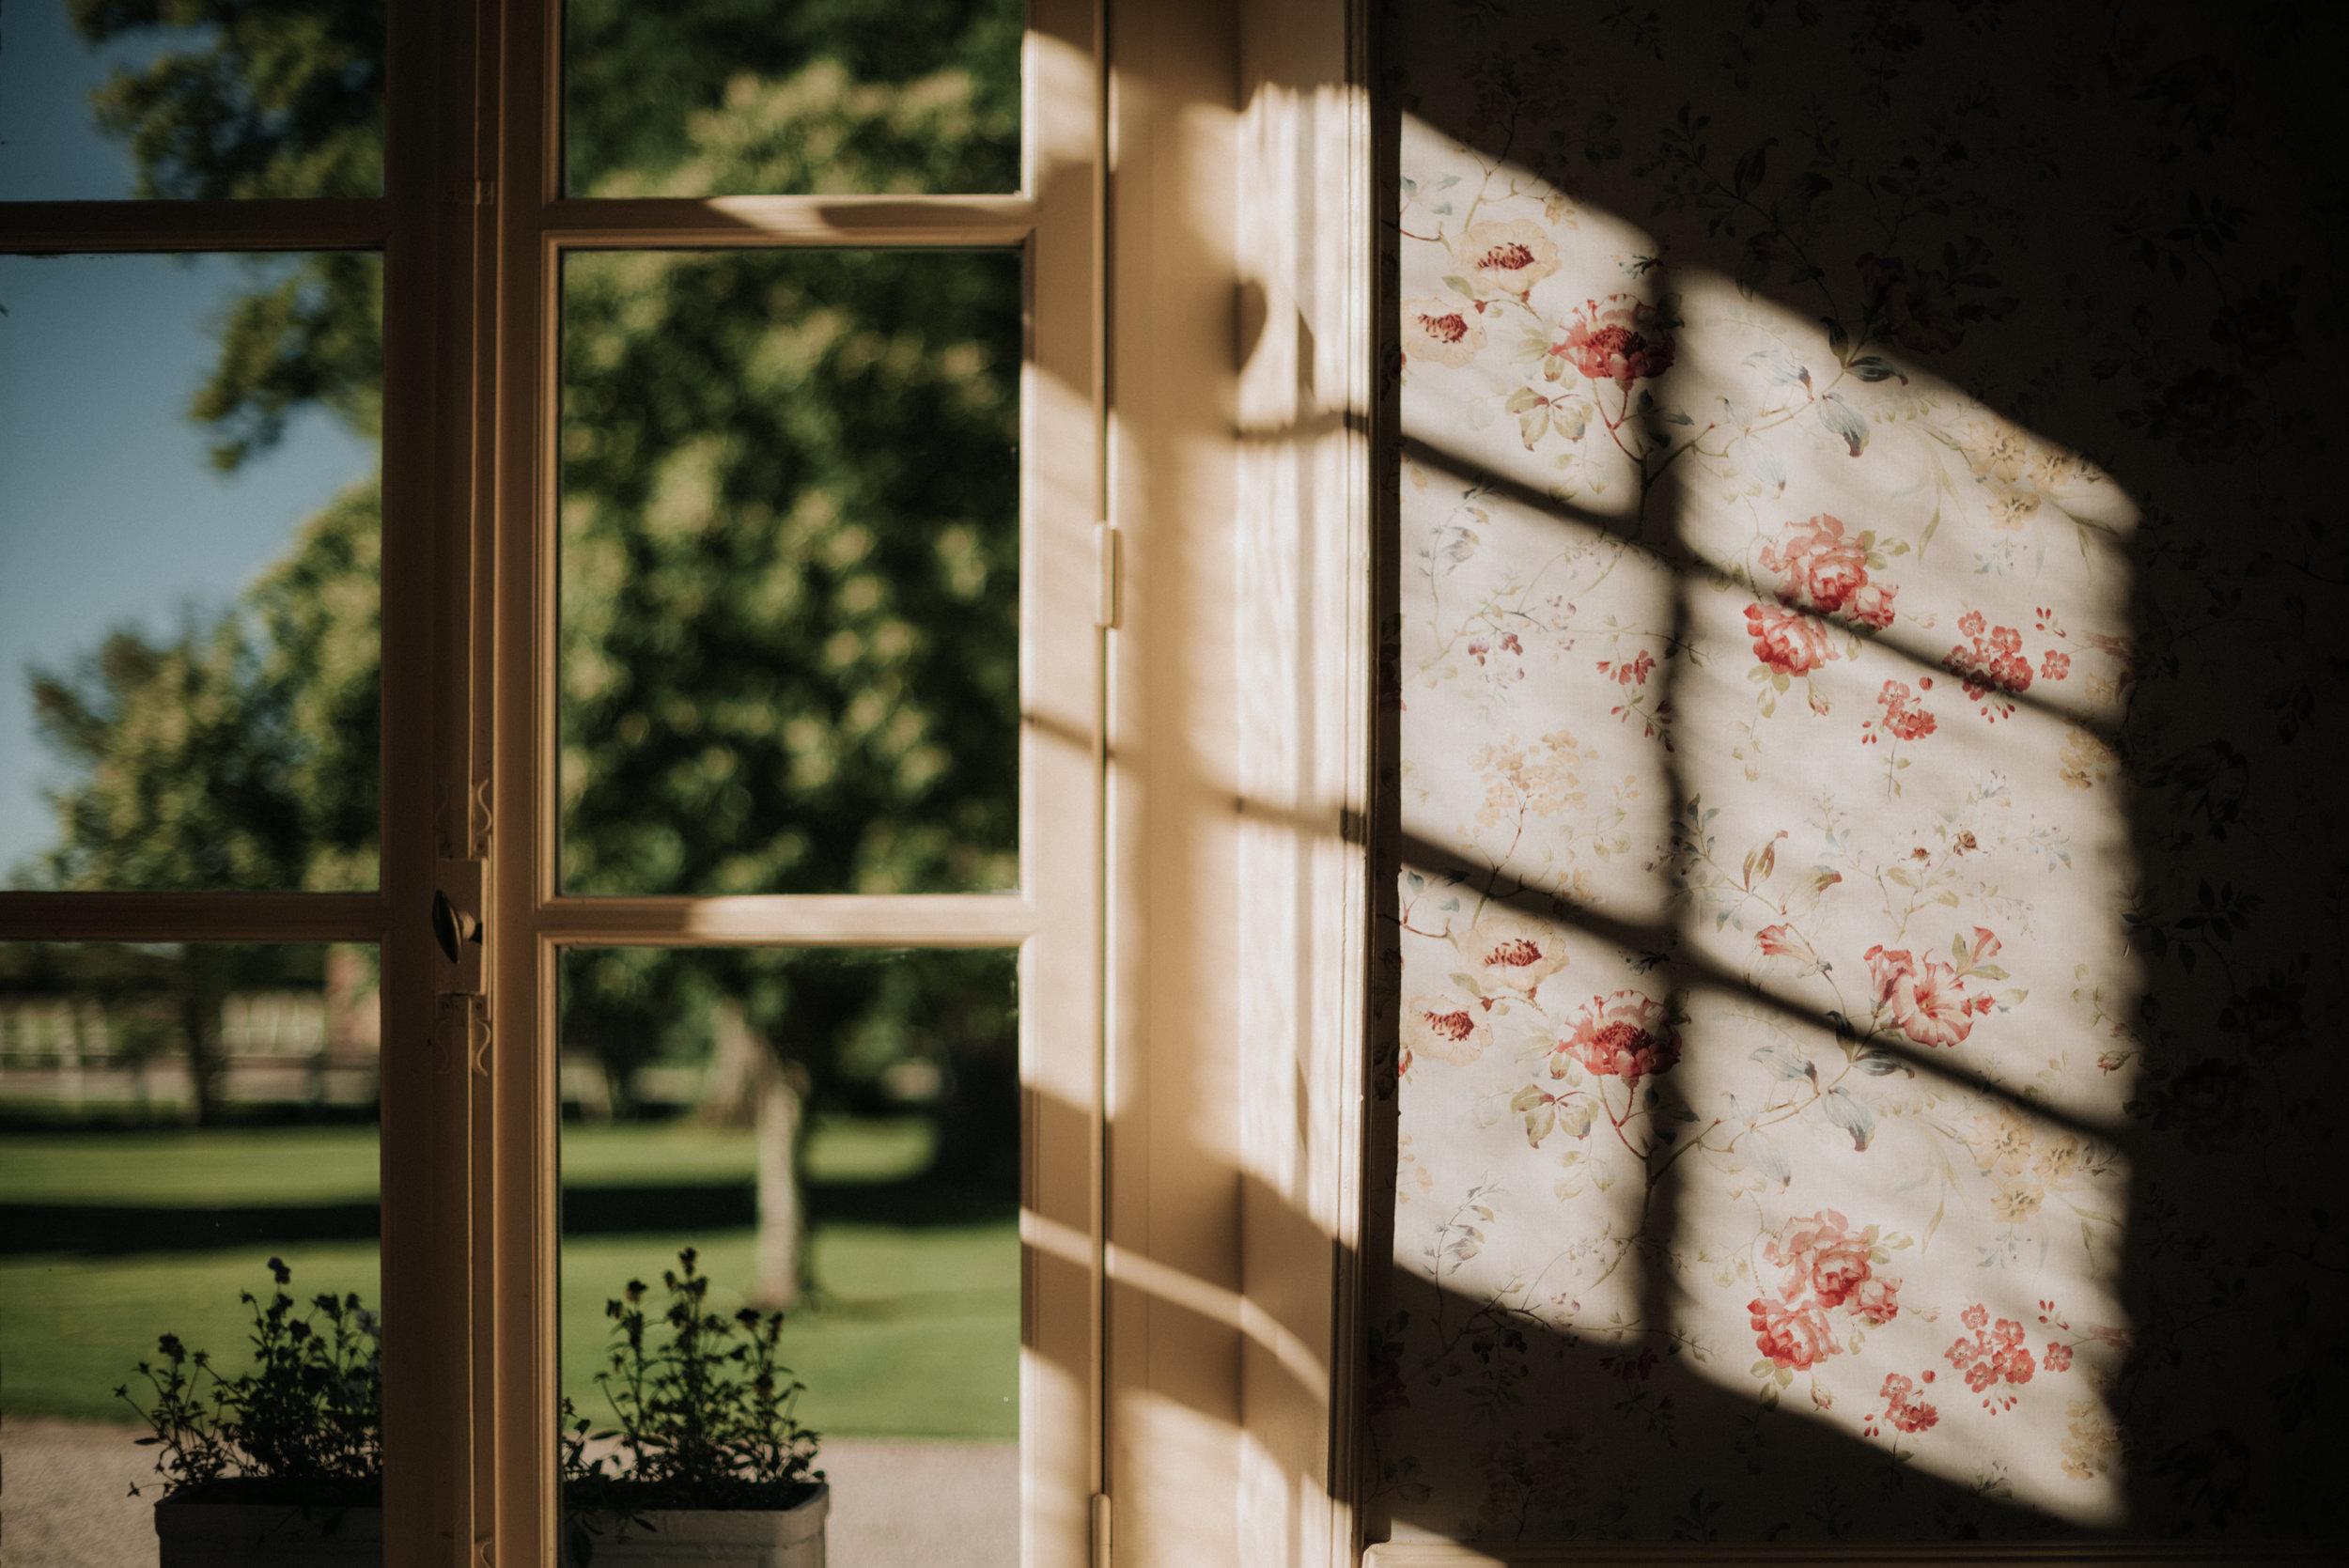 Léa-Fery-photographe-professionnel-lyon-rhone-alpes-portrait-creation-mariage-evenement-evenementiel-famille-4740.jpg